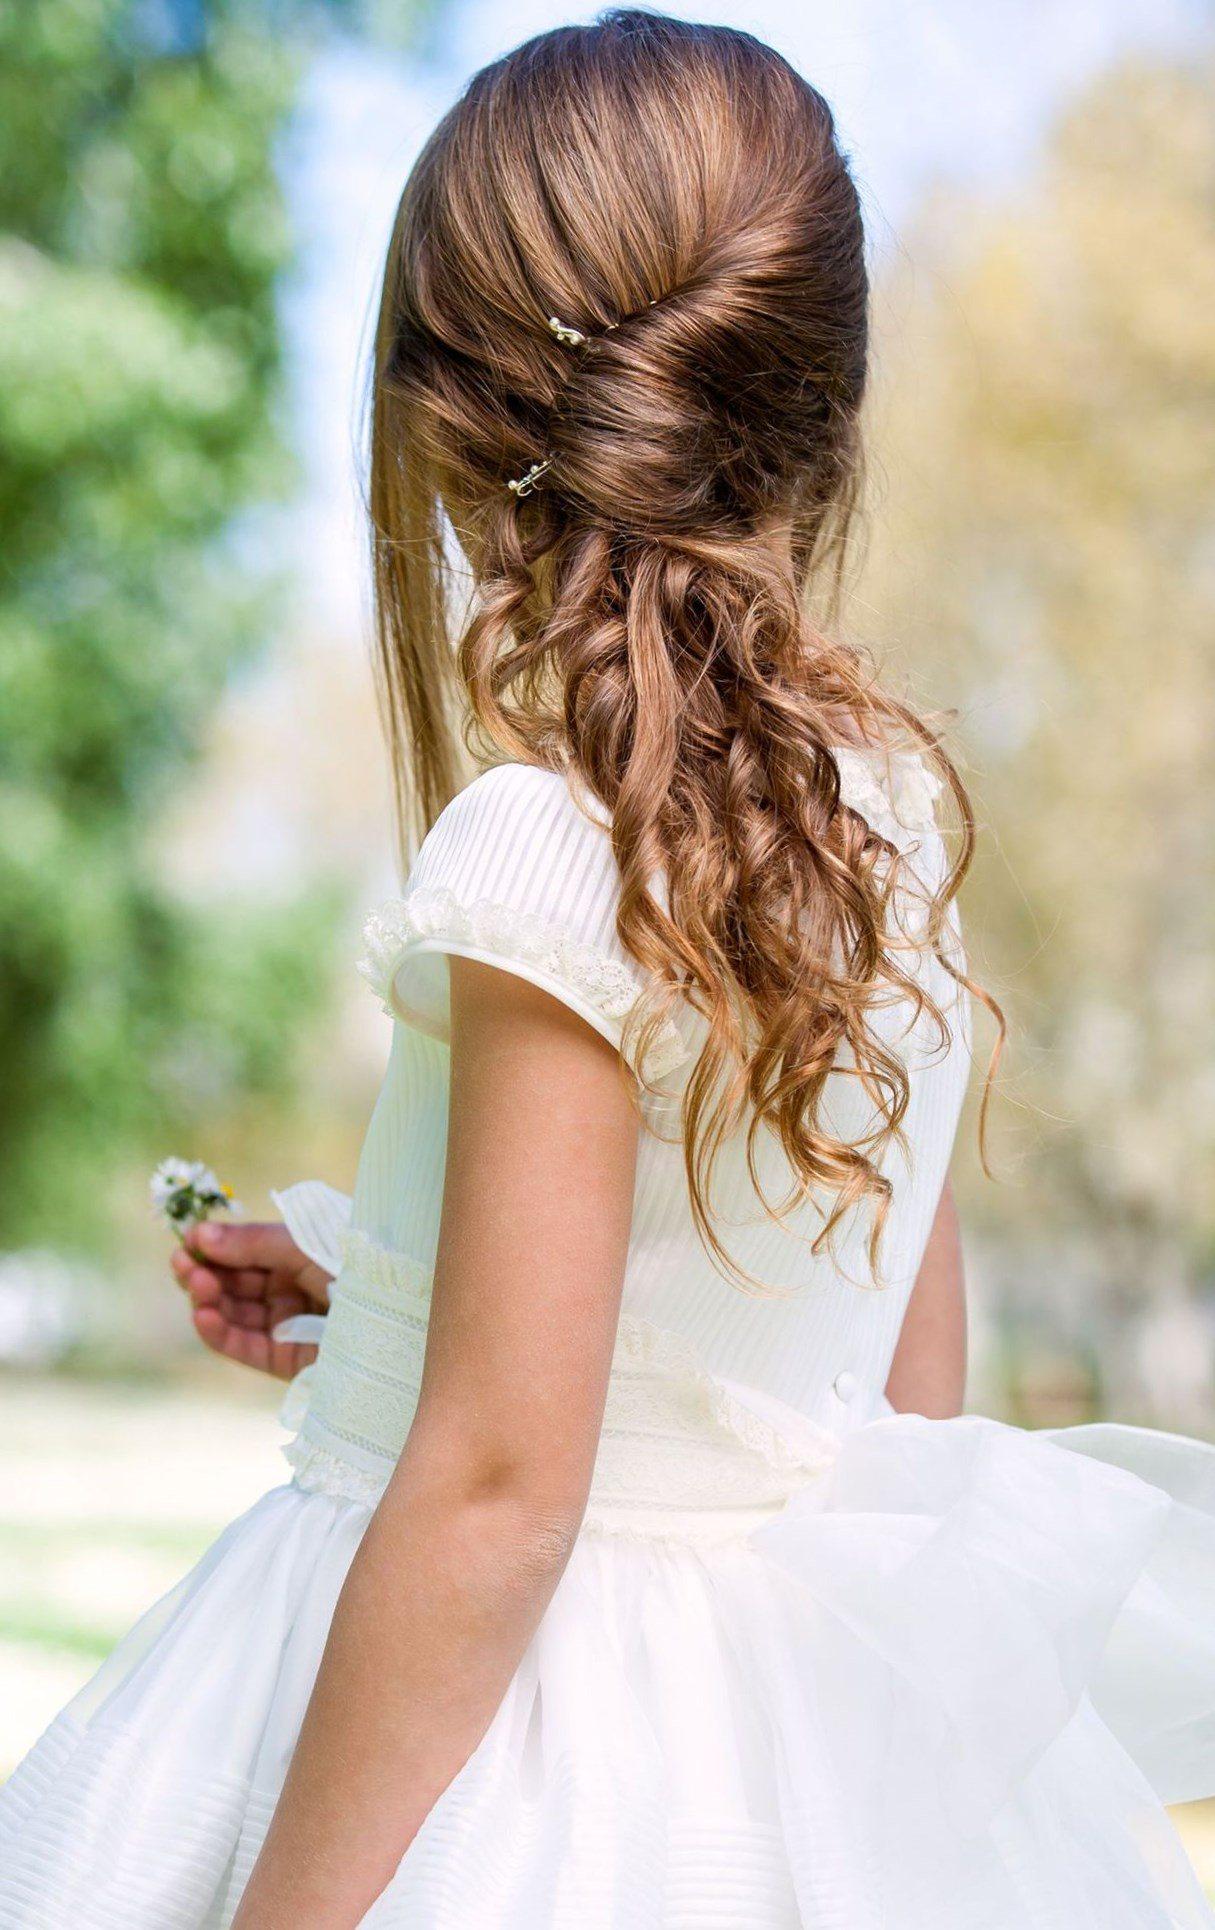 Свадебная прическа 2018 на длинные волосы с ракушкой